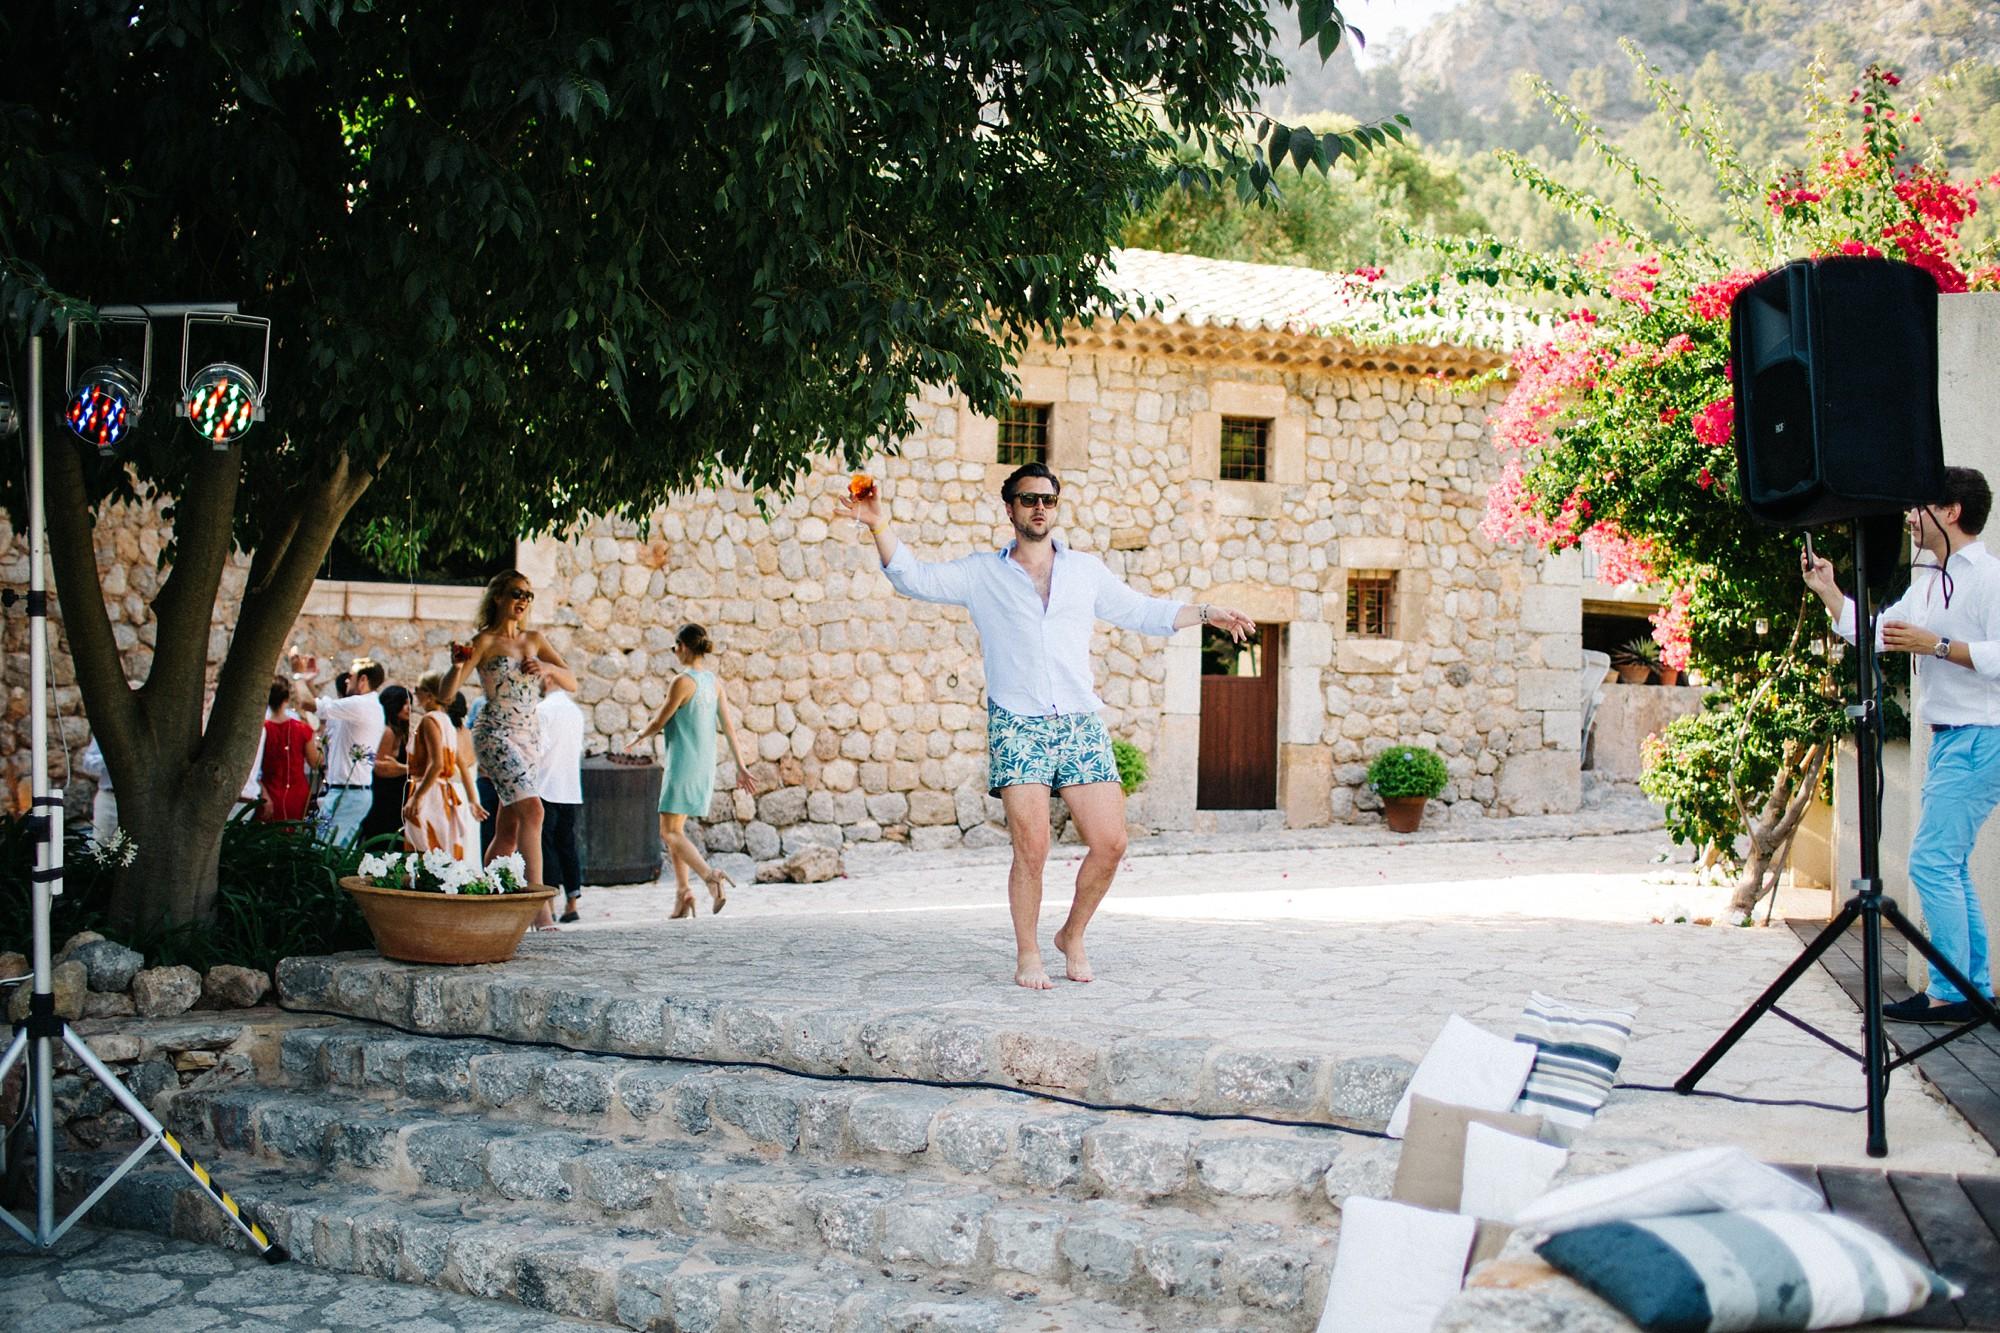 fotografos de boda en valencia barcelona mallorca wedding photographer146.jpg